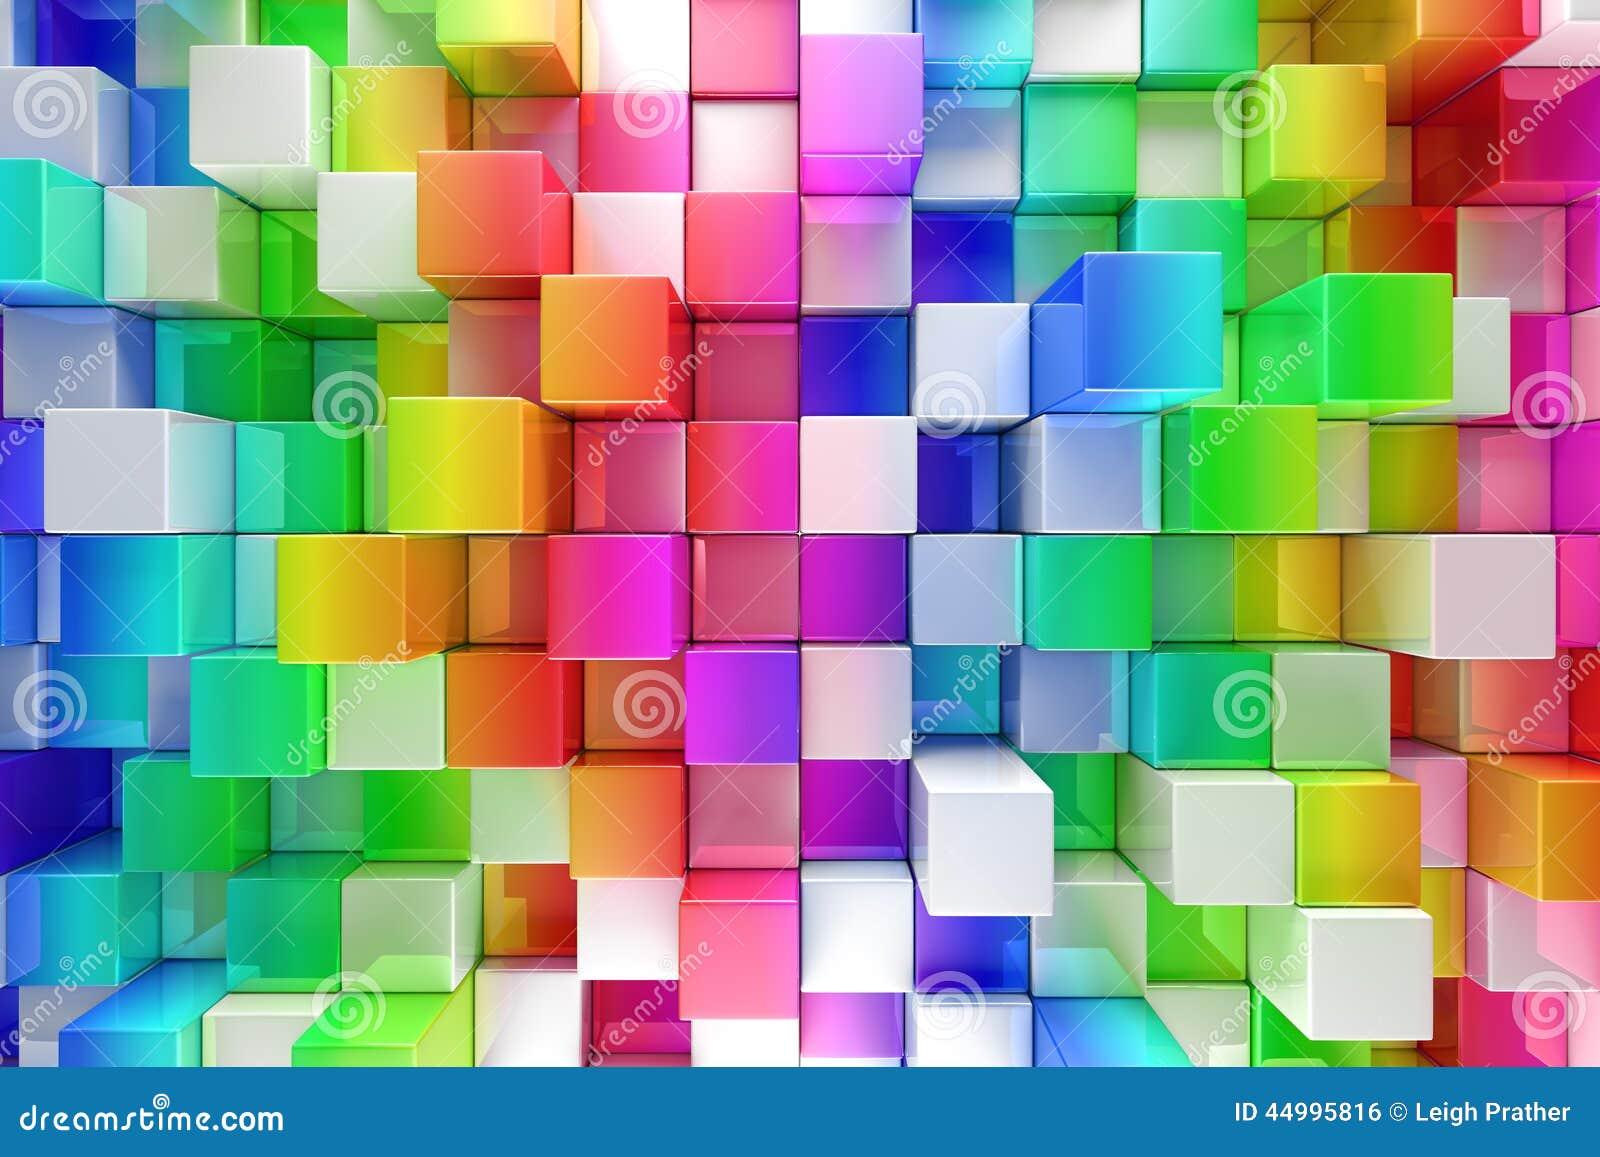 Fond abstrait de blocs colorés